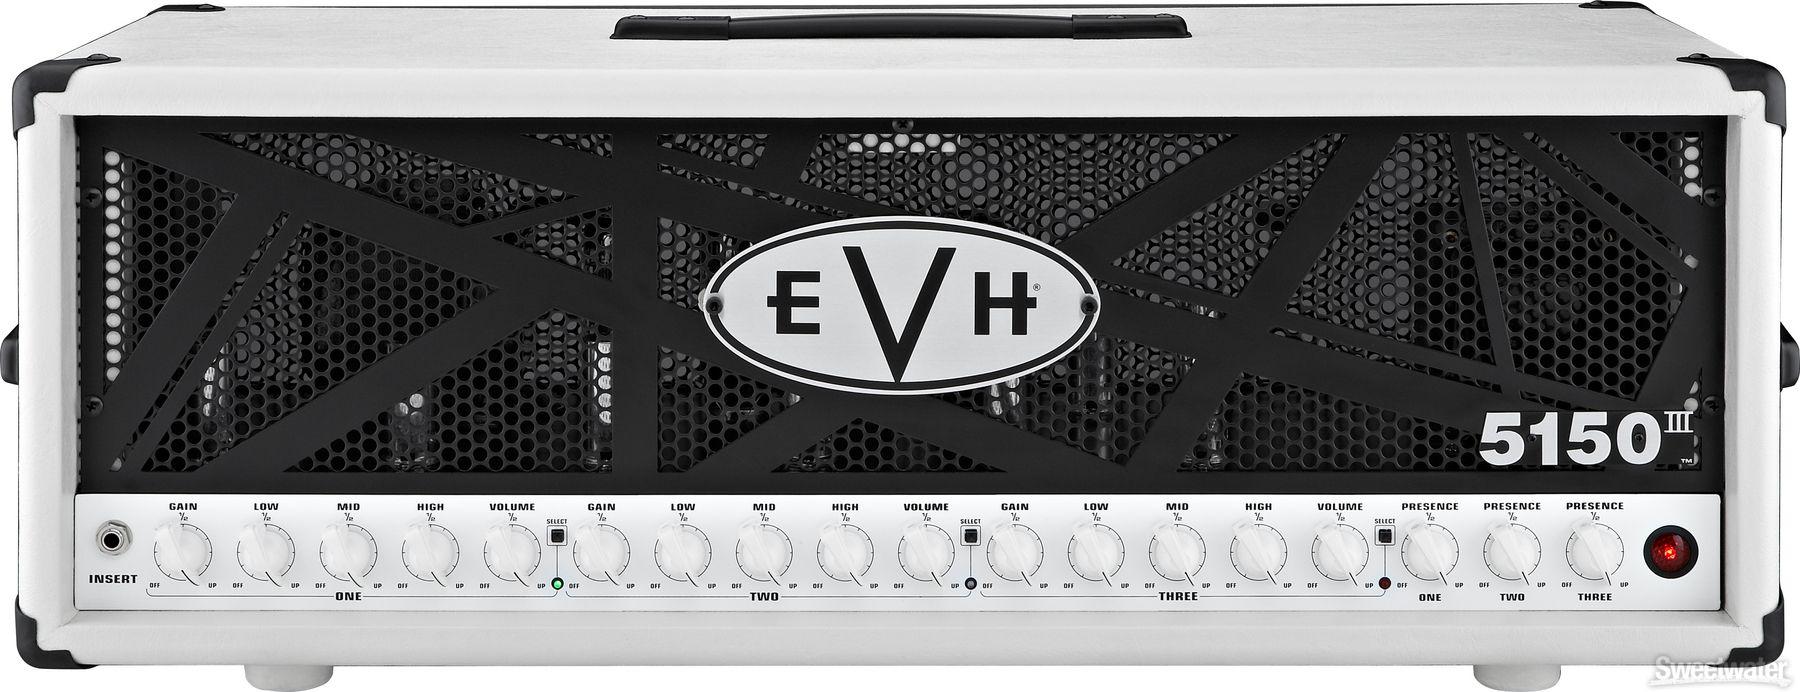 EVH 5150 III Head (Ivory) Van halen 5150, Eddie van